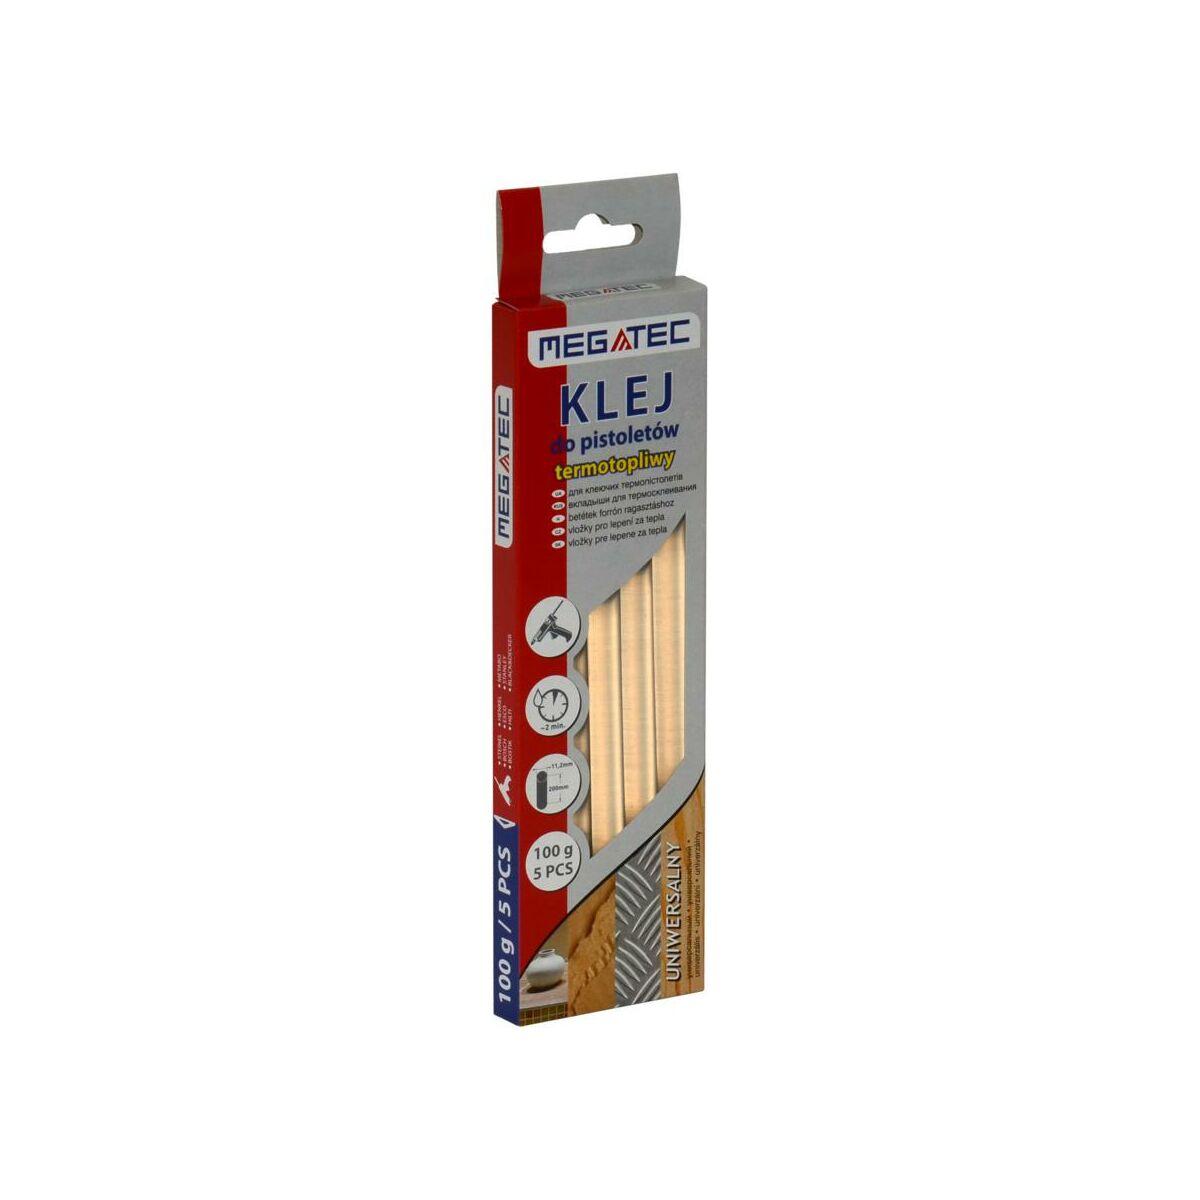 Klej Termotopliwy Uniwersalny 11 5 Mm 200 Mm 5 Szt Termik Wklady Klejowe W Atrakcyjnej Cenie W Sklepach Leroy Merlin